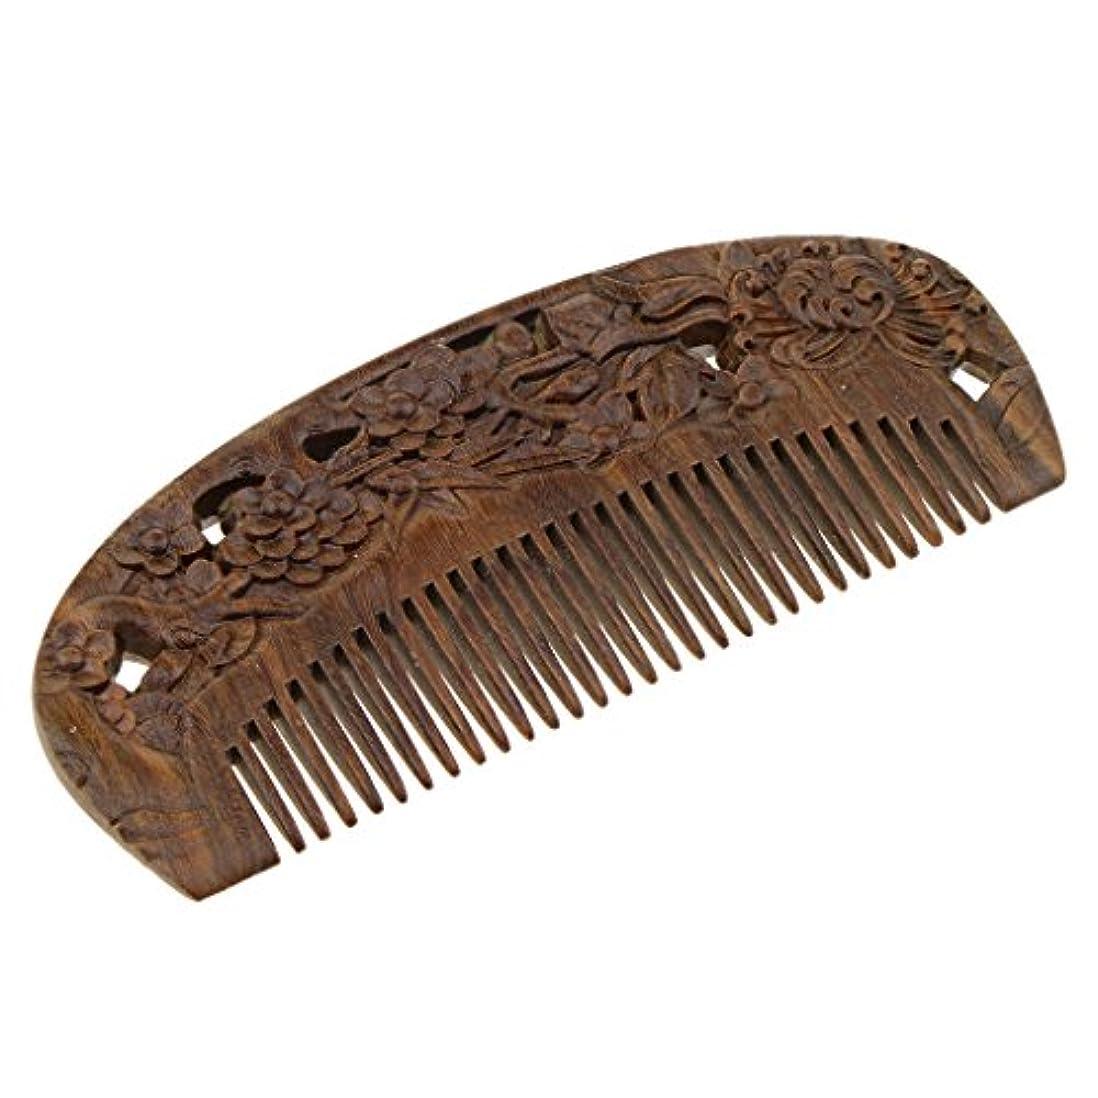 アラートいつかどうしたのPerfk ヘアコーム 木製櫛 頭皮マッサージ 櫛 ヘアスタイリング 高品質 2タイプ選べる - #2